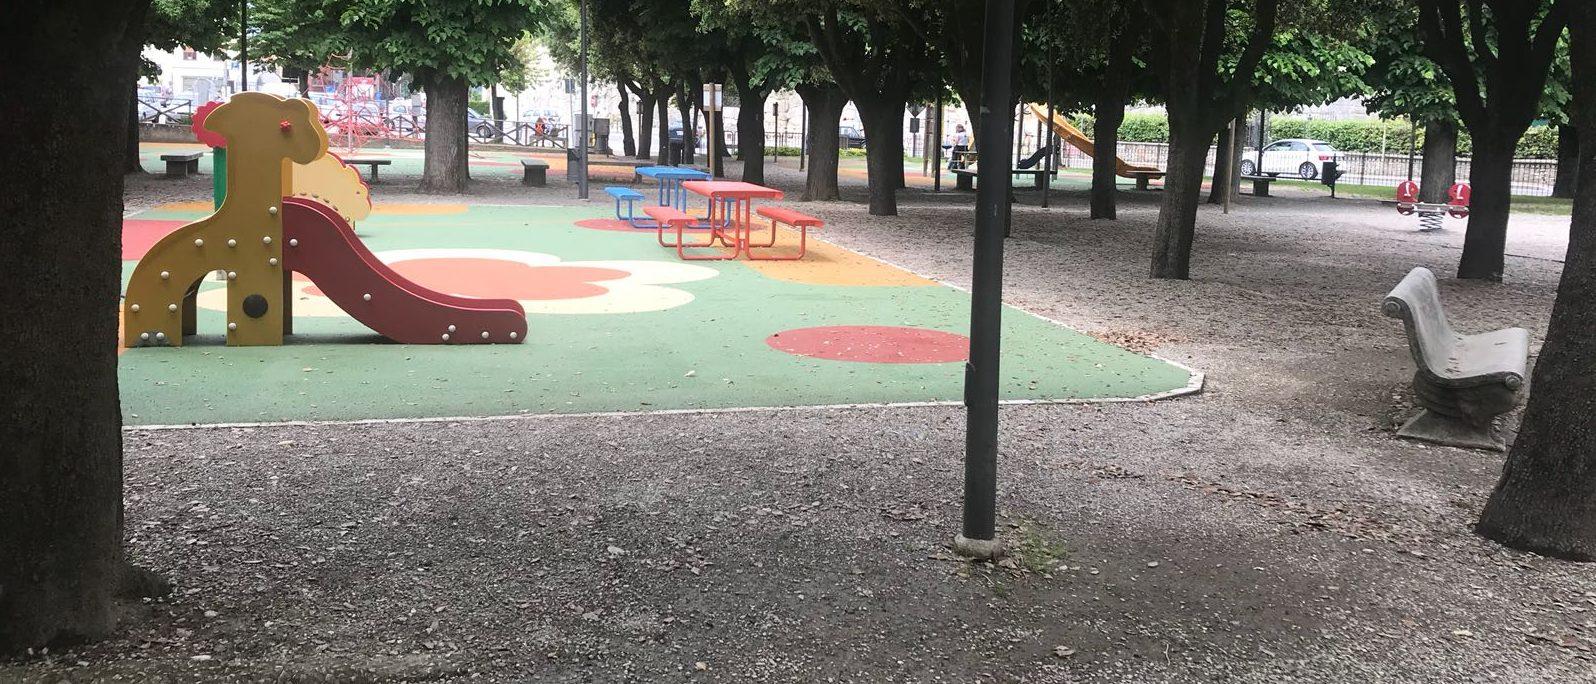 Parco giochi comunale di Amelia, Terni